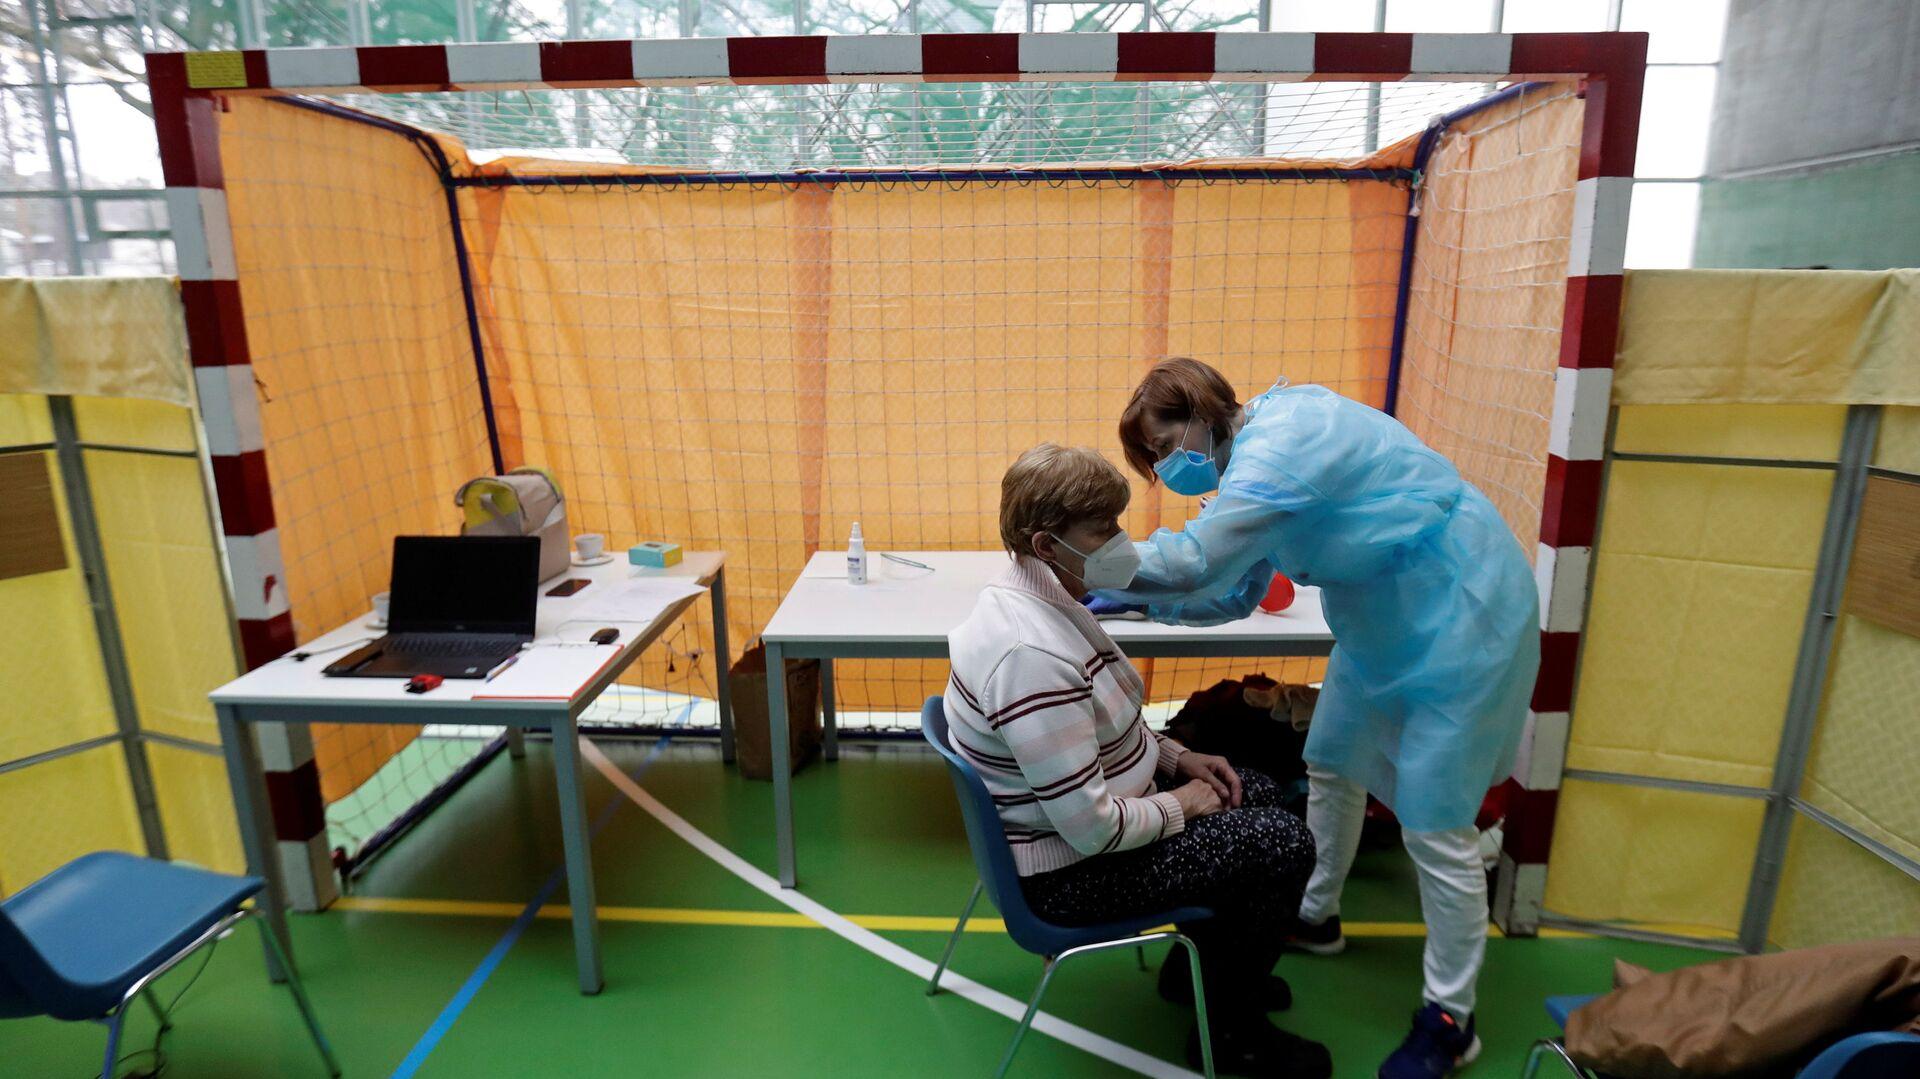 Zdravotník očkuje ženu proti koronaviru v centru hromadné vakcinace v tělocvičně v Praze - Sputnik Česká republika, 1920, 30.03.2021